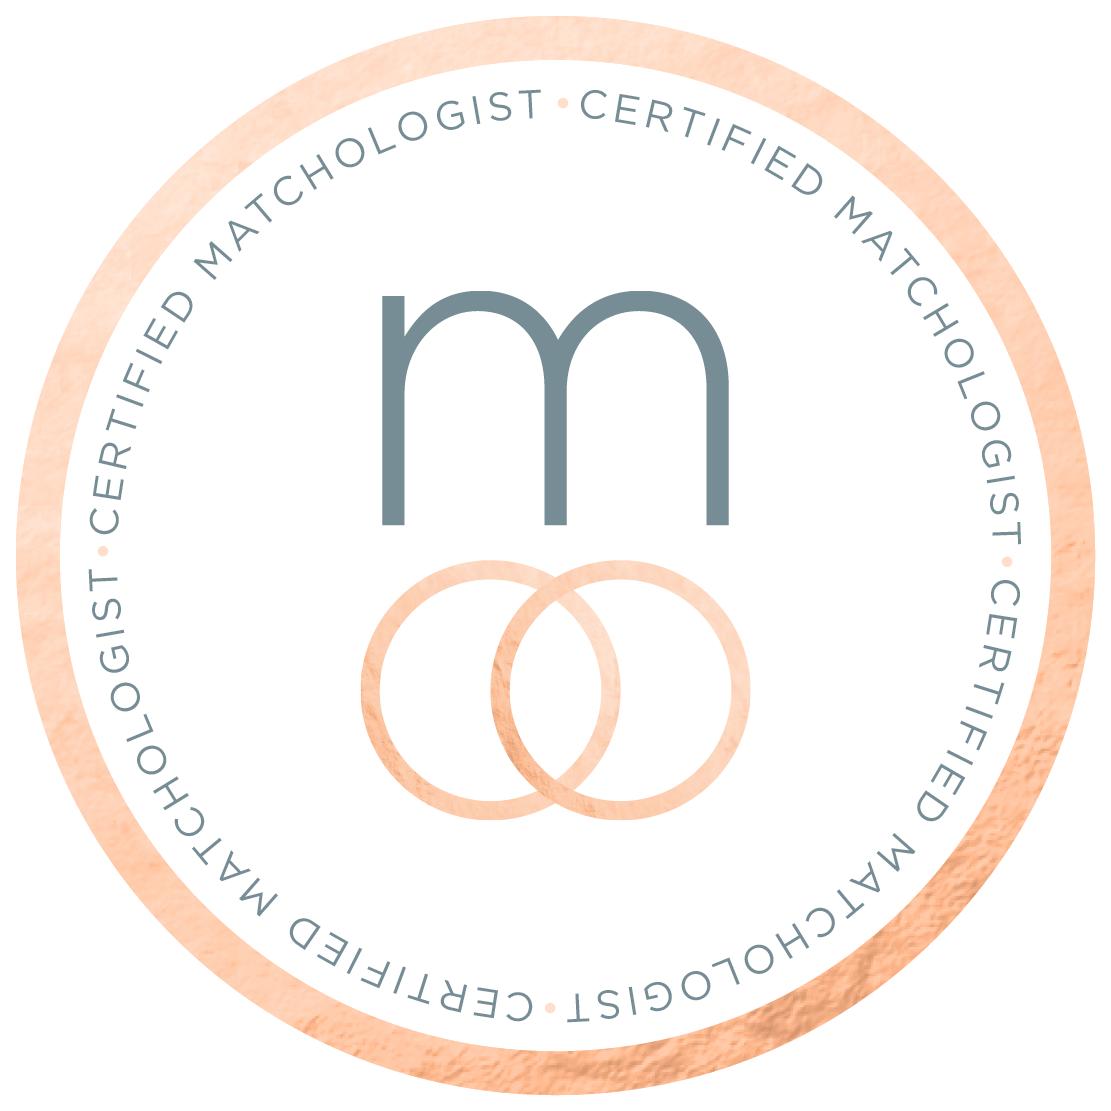 matchologist badge.png